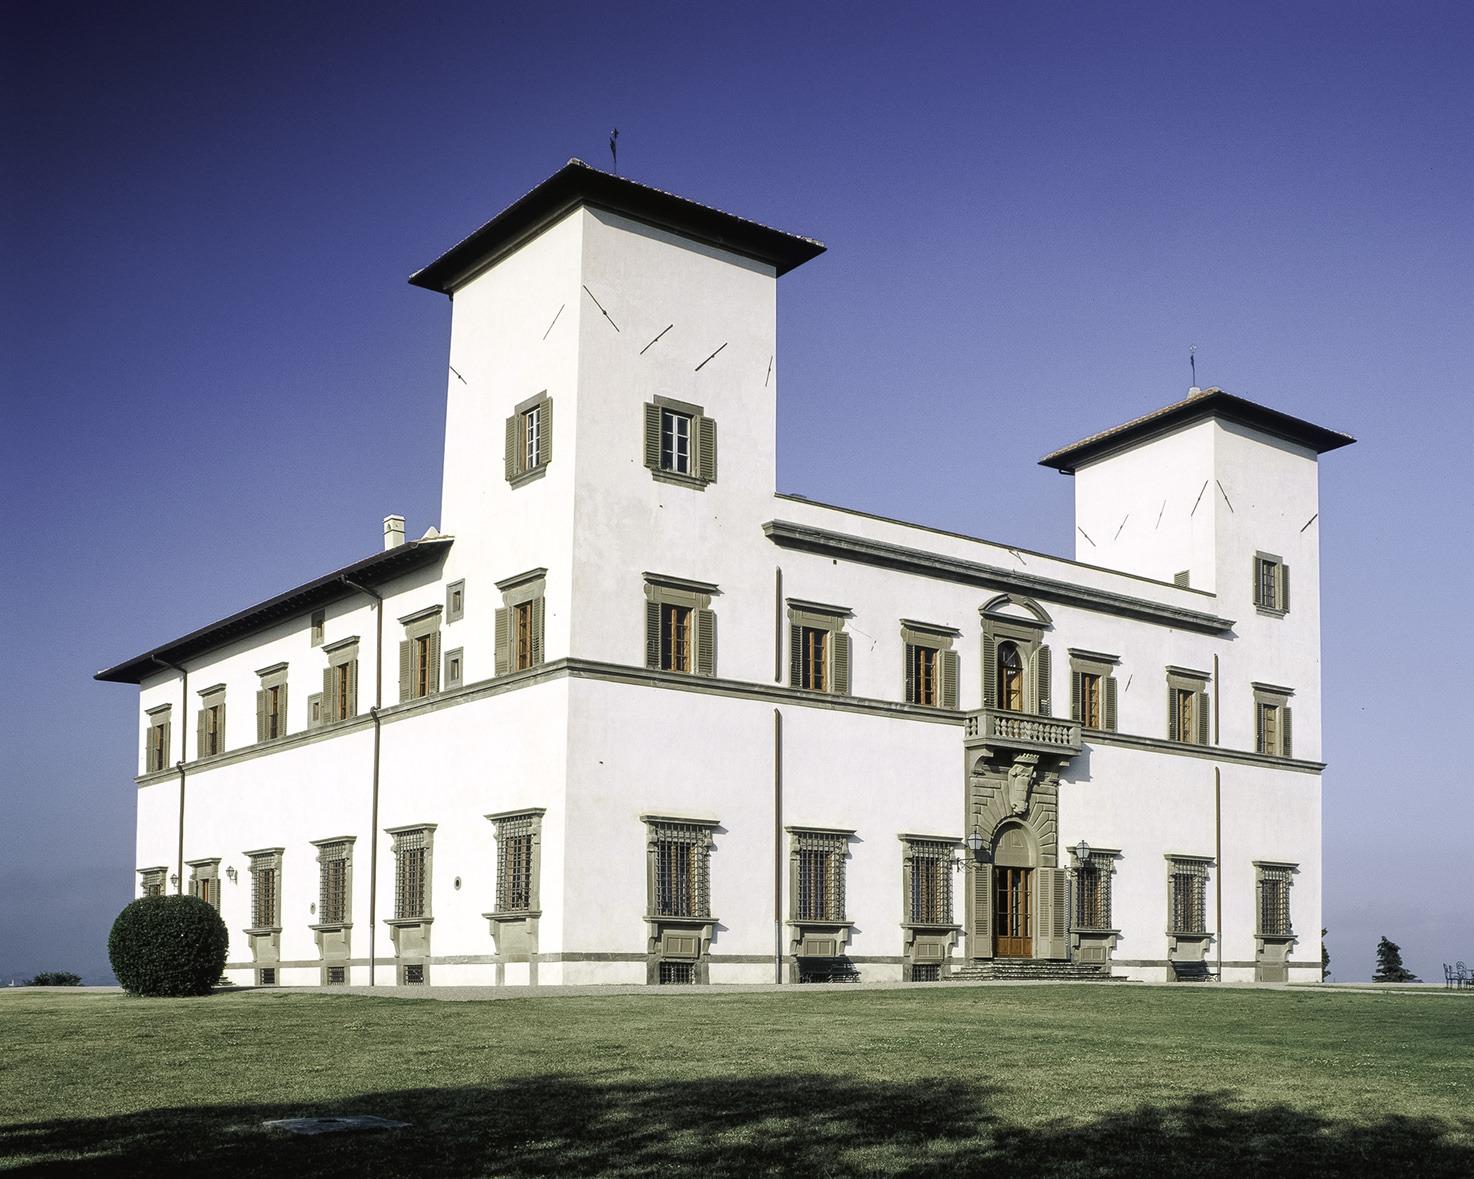 Exterior of Villa Le Corti near Florence